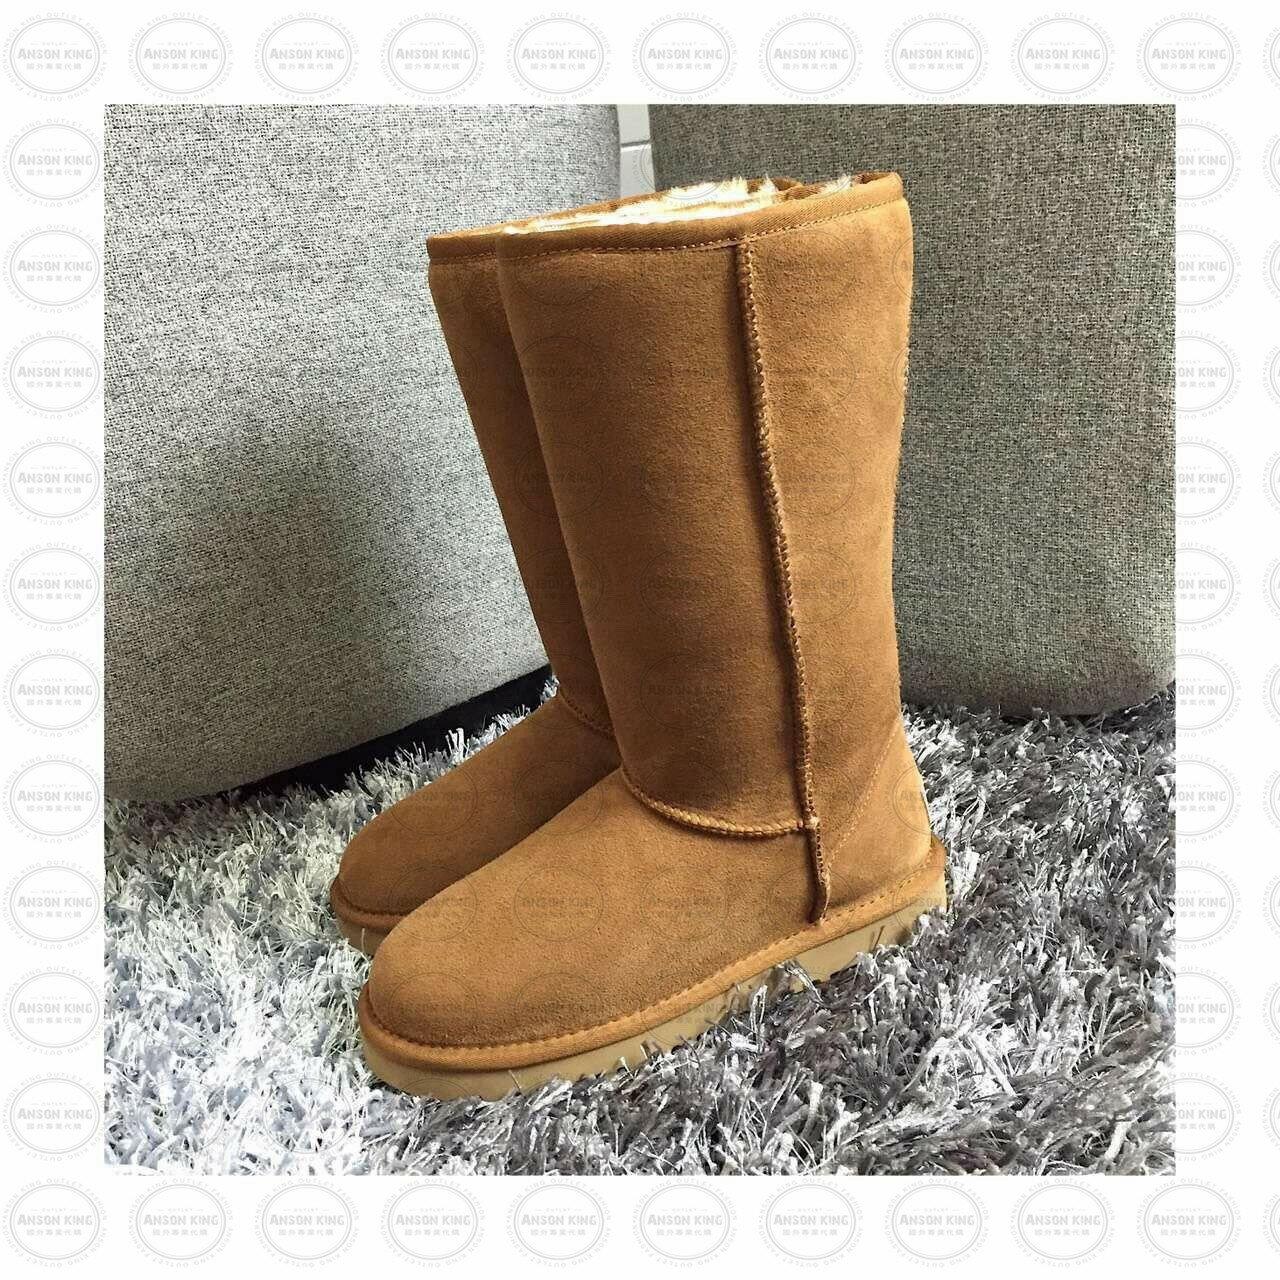 OUTLET正品代購 澳洲 UGG 經典女款羊皮毛一體雪靴 中長靴 保暖 真皮羊皮毛 雪靴 短靴 棕色 0